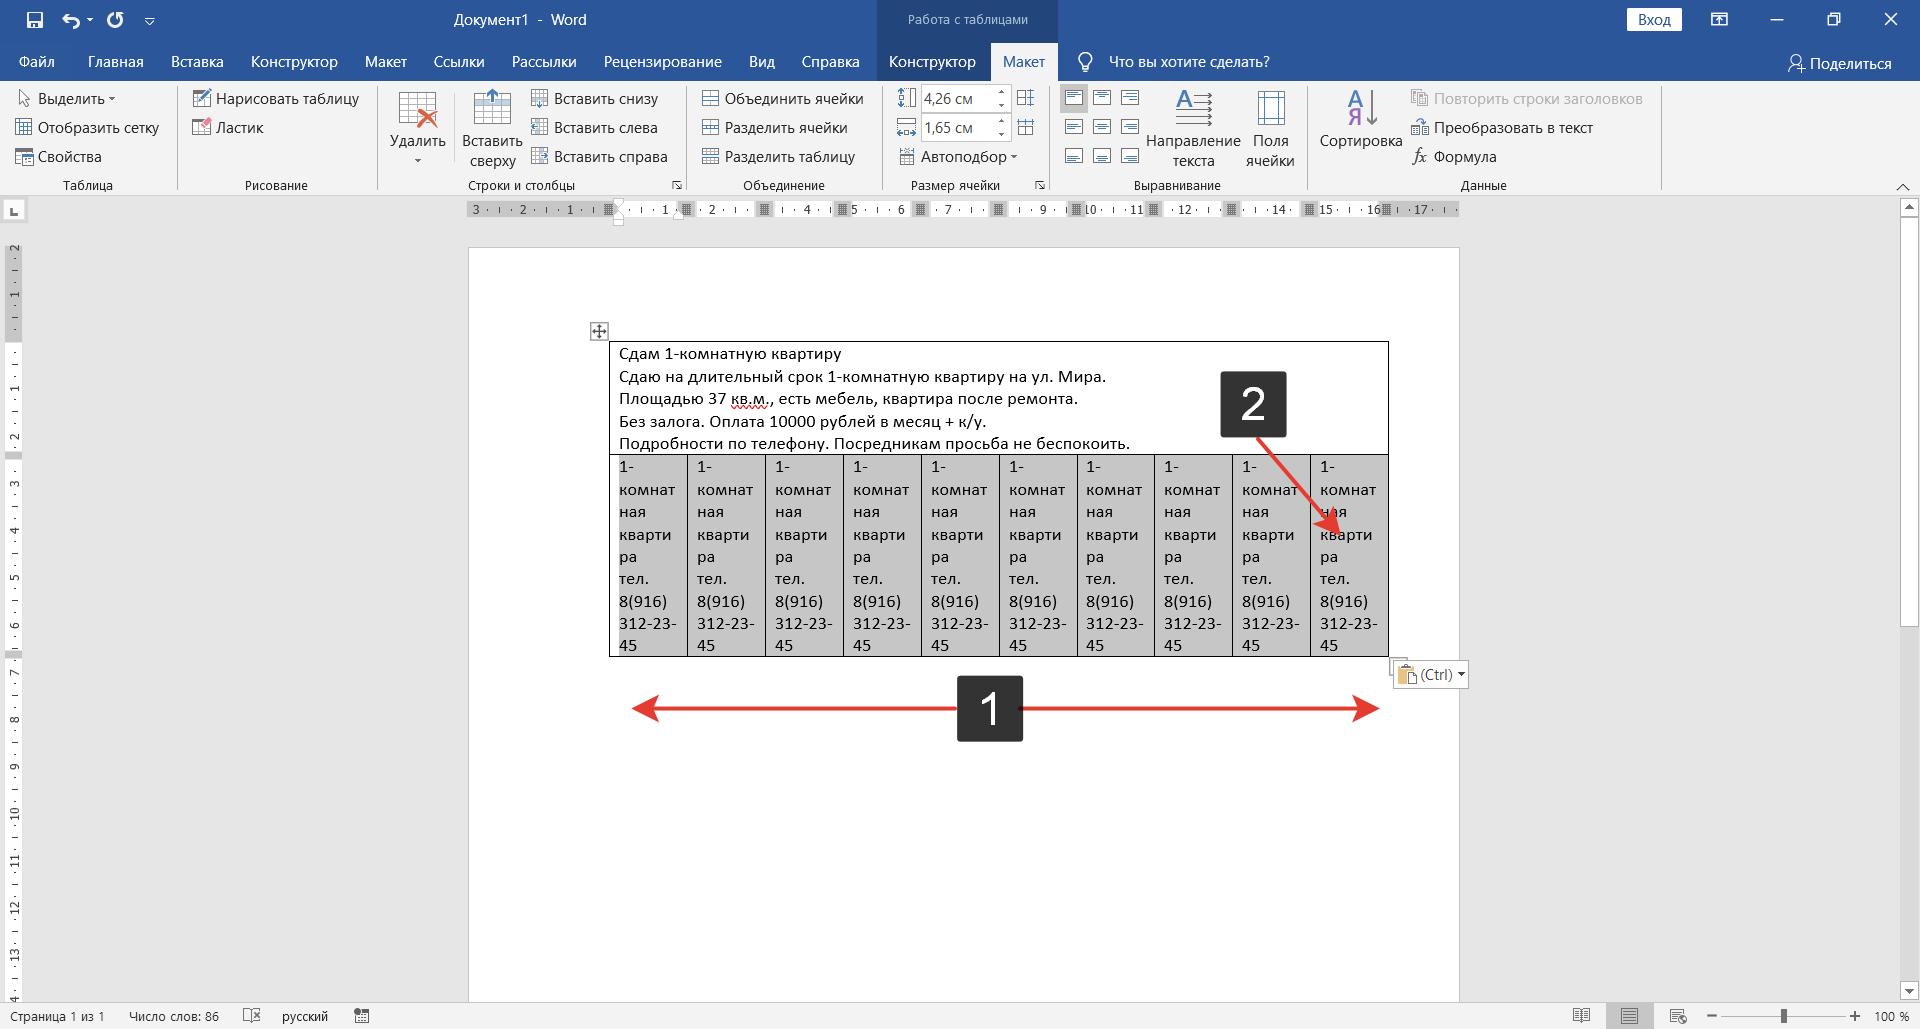 Копируем данные таблицы во все ячейки